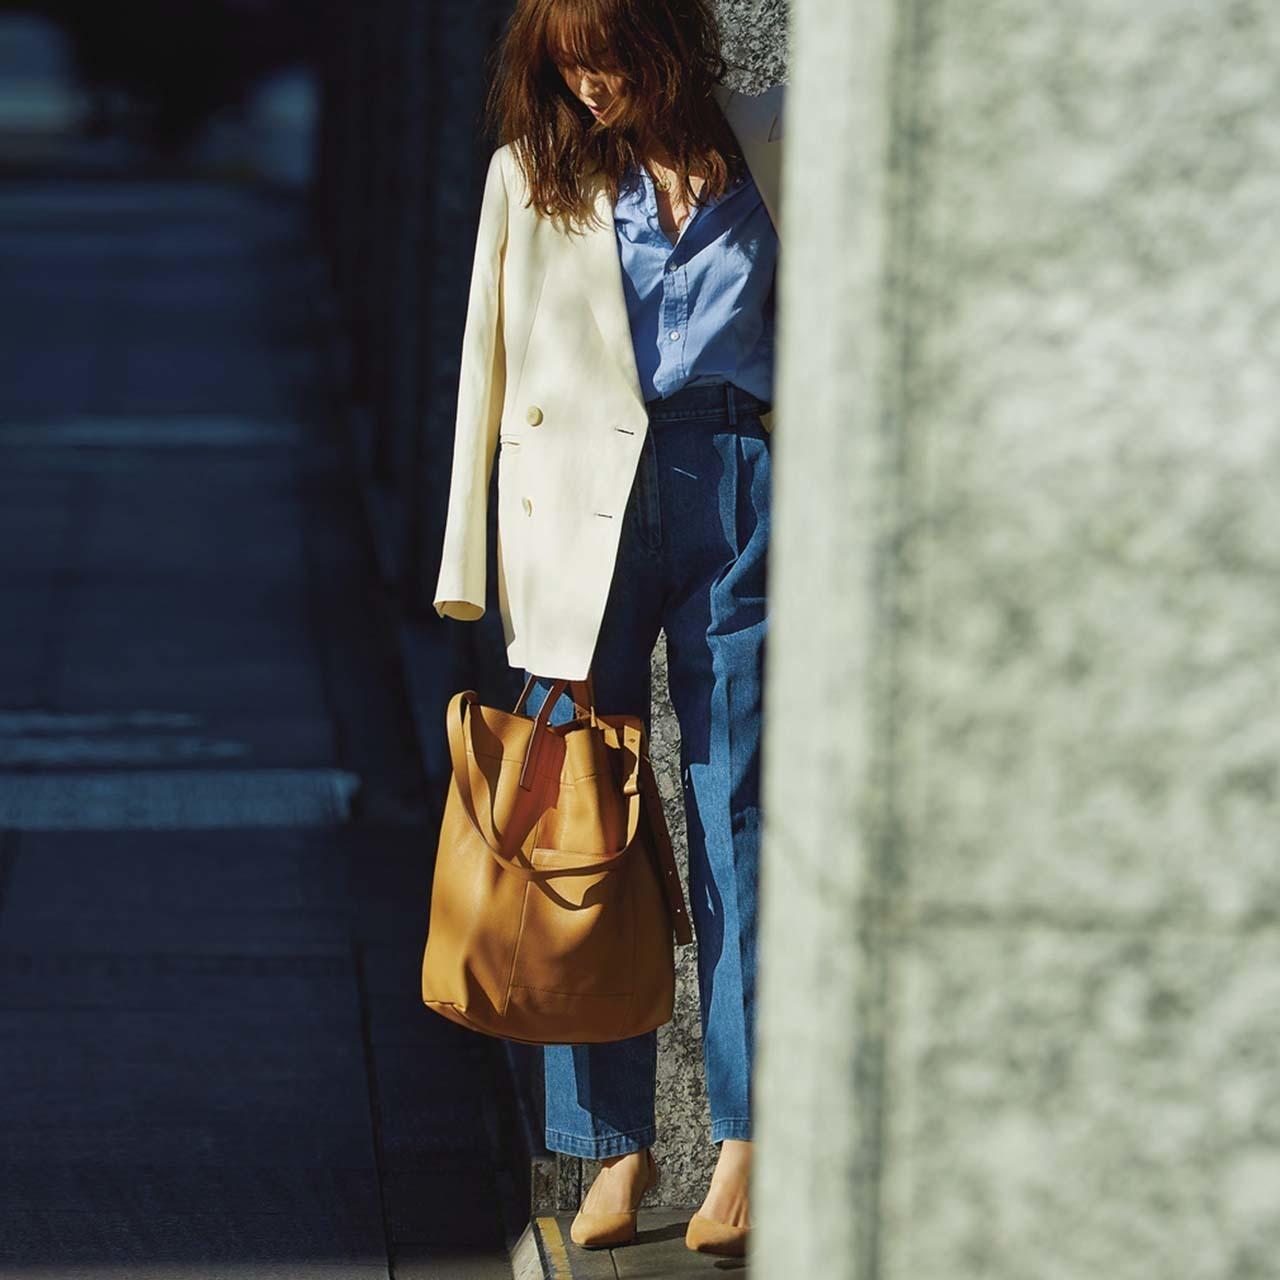 ジャケット×ブルーのシャツ×ブルーのパンツコーデを着たモデルの蛯原友里さん